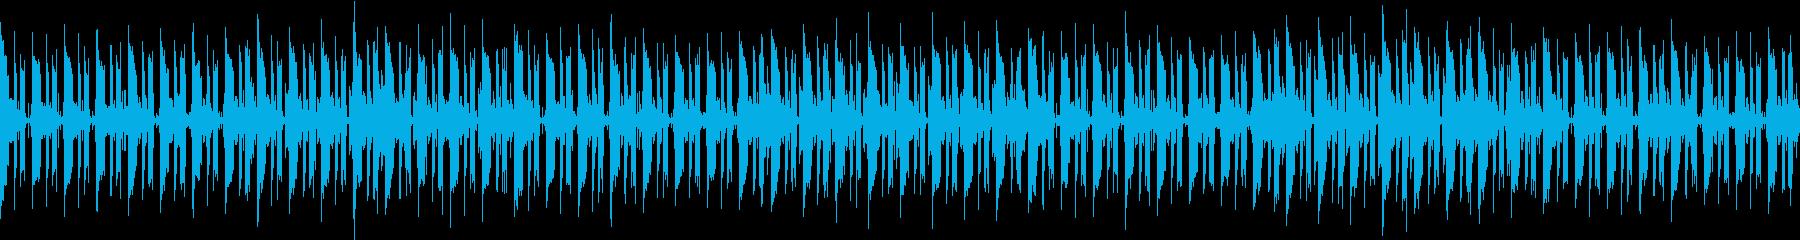 スロウジャズ:お酒のシーンに合う曲_4の再生済みの波形